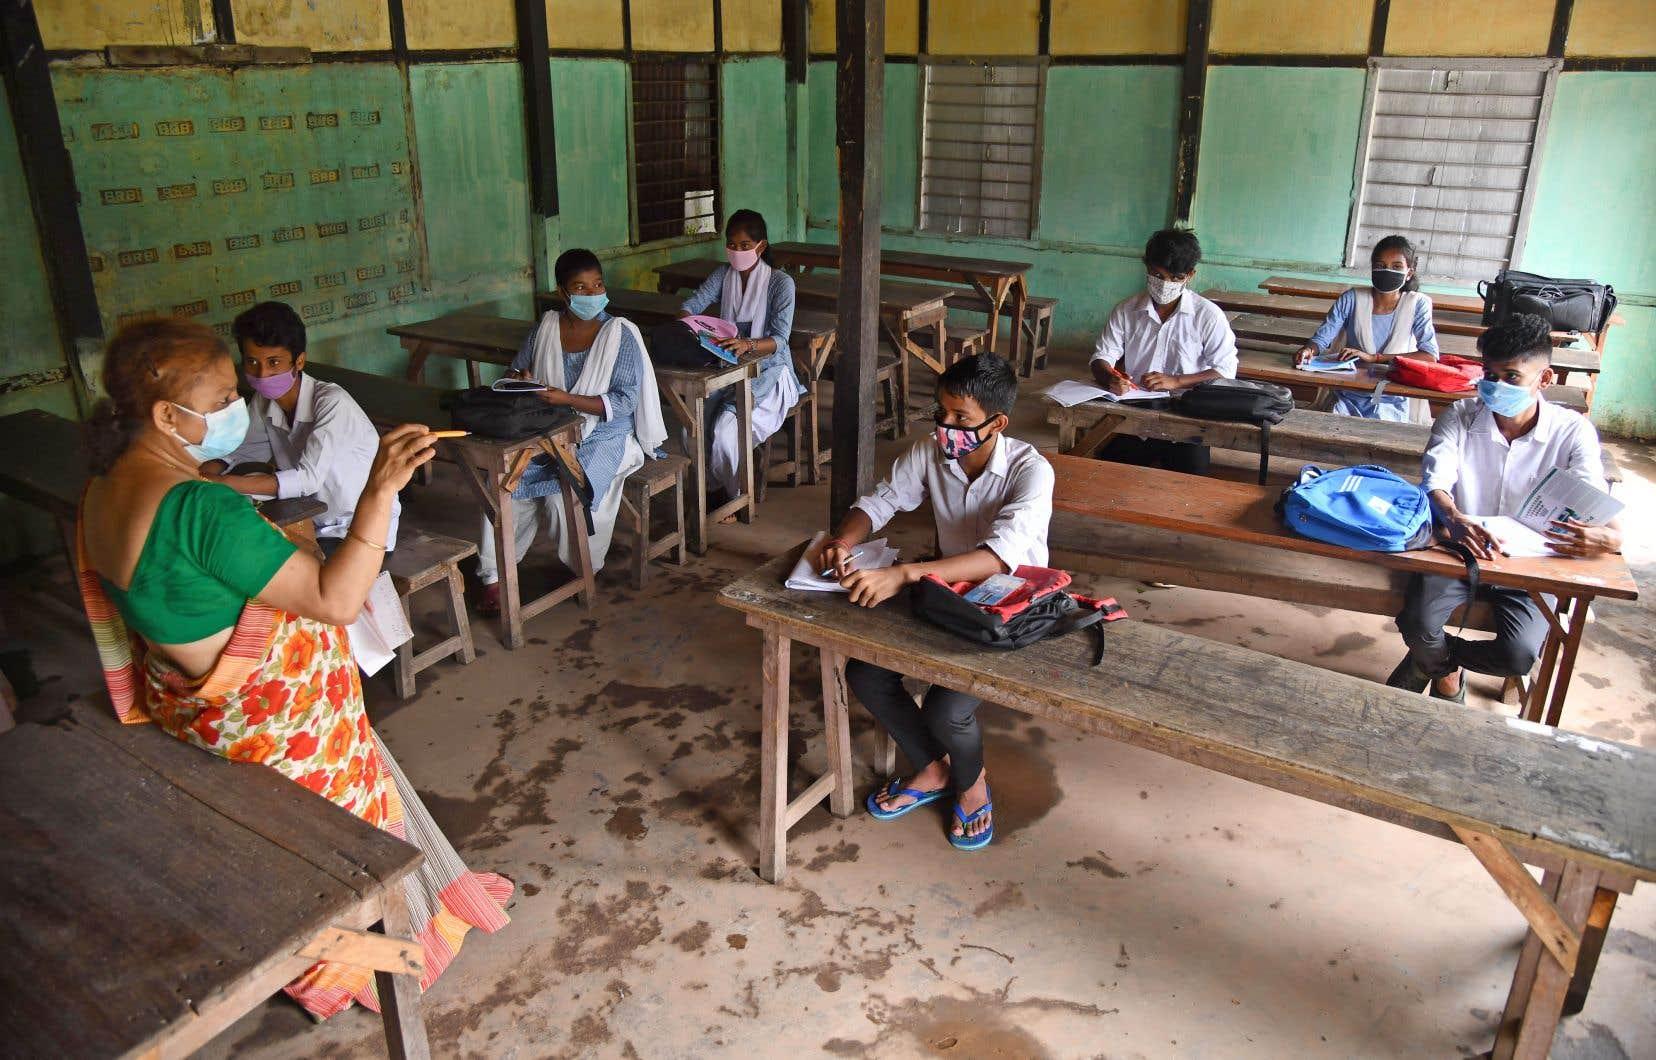 Les établissements scolaires de certains États ont été autorisés la semaine dernière à accueillir les élèves âgés de 14 à 17ans, mais la nouvelle annonce concerne toutes les écoles.